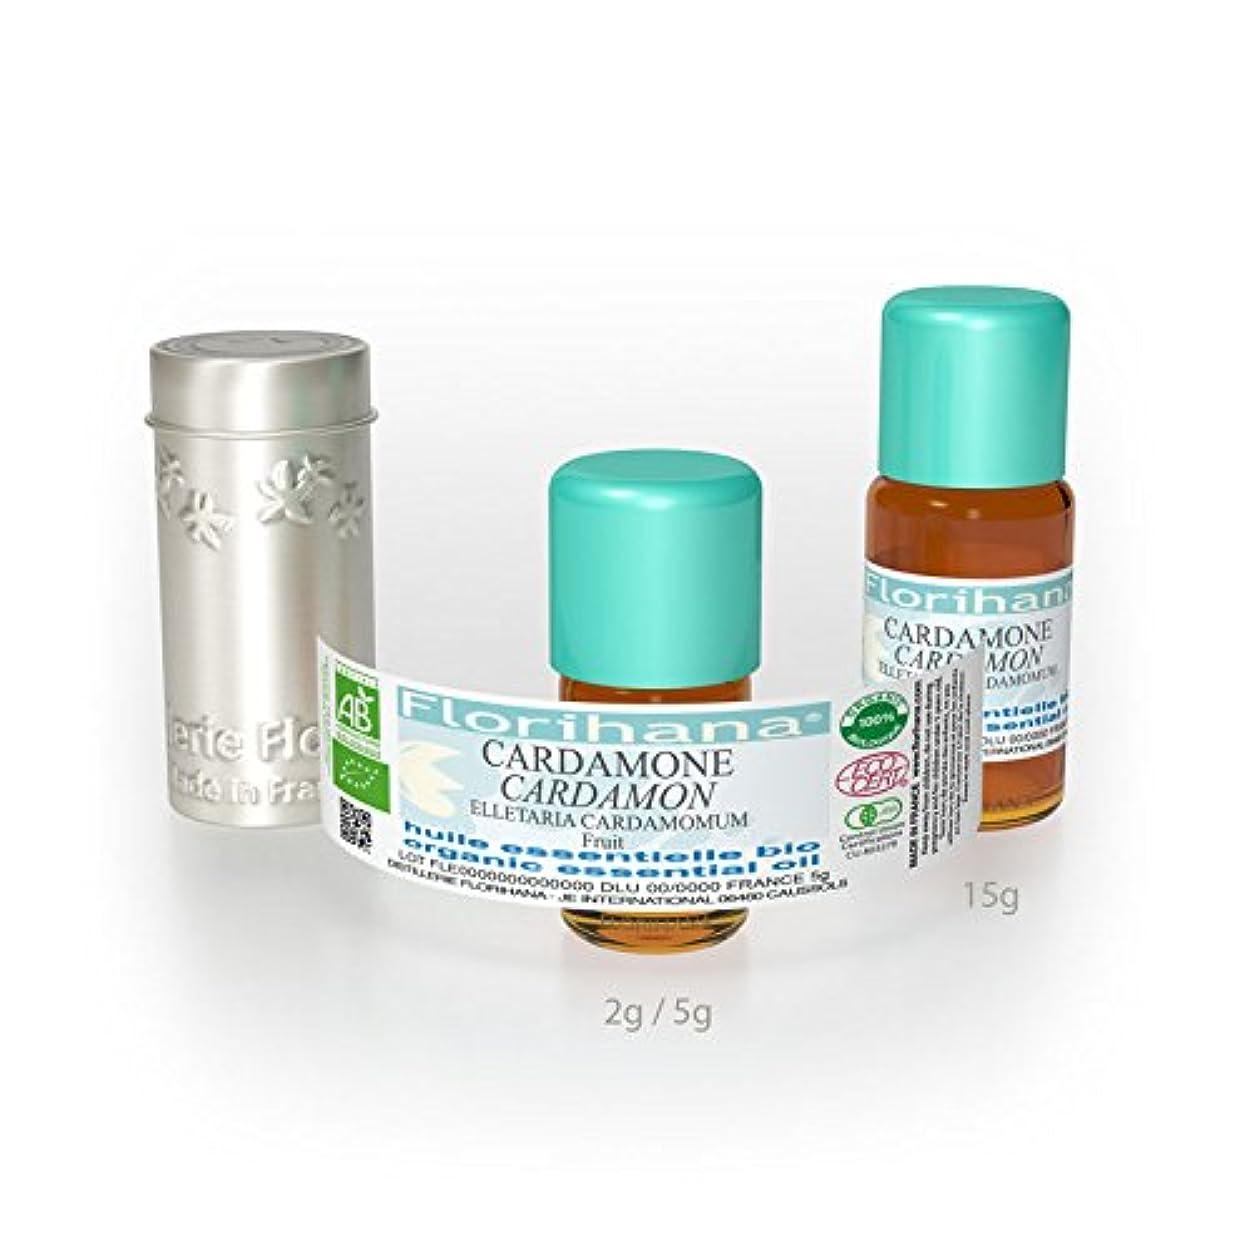 バンガローアームストロングボーカルオーガニック エッセンシャルオイル カルダモン 5g(5.3ml)